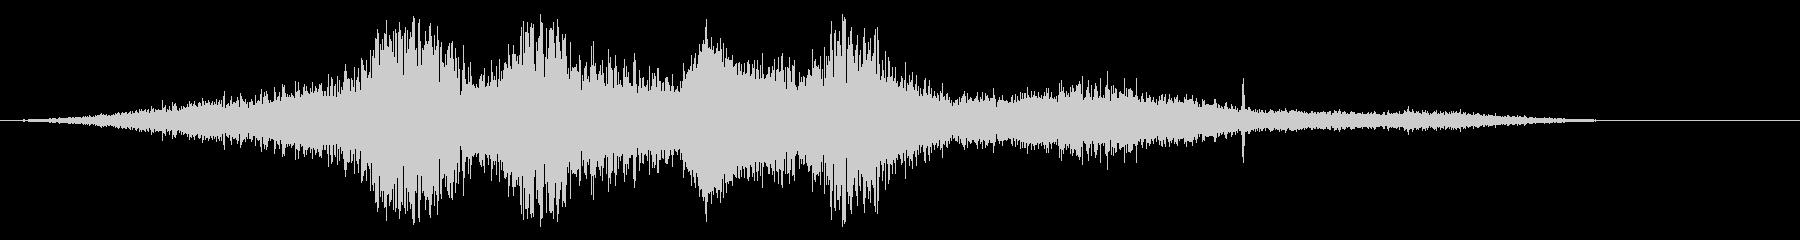 アラリス・パサ列車の未再生の波形